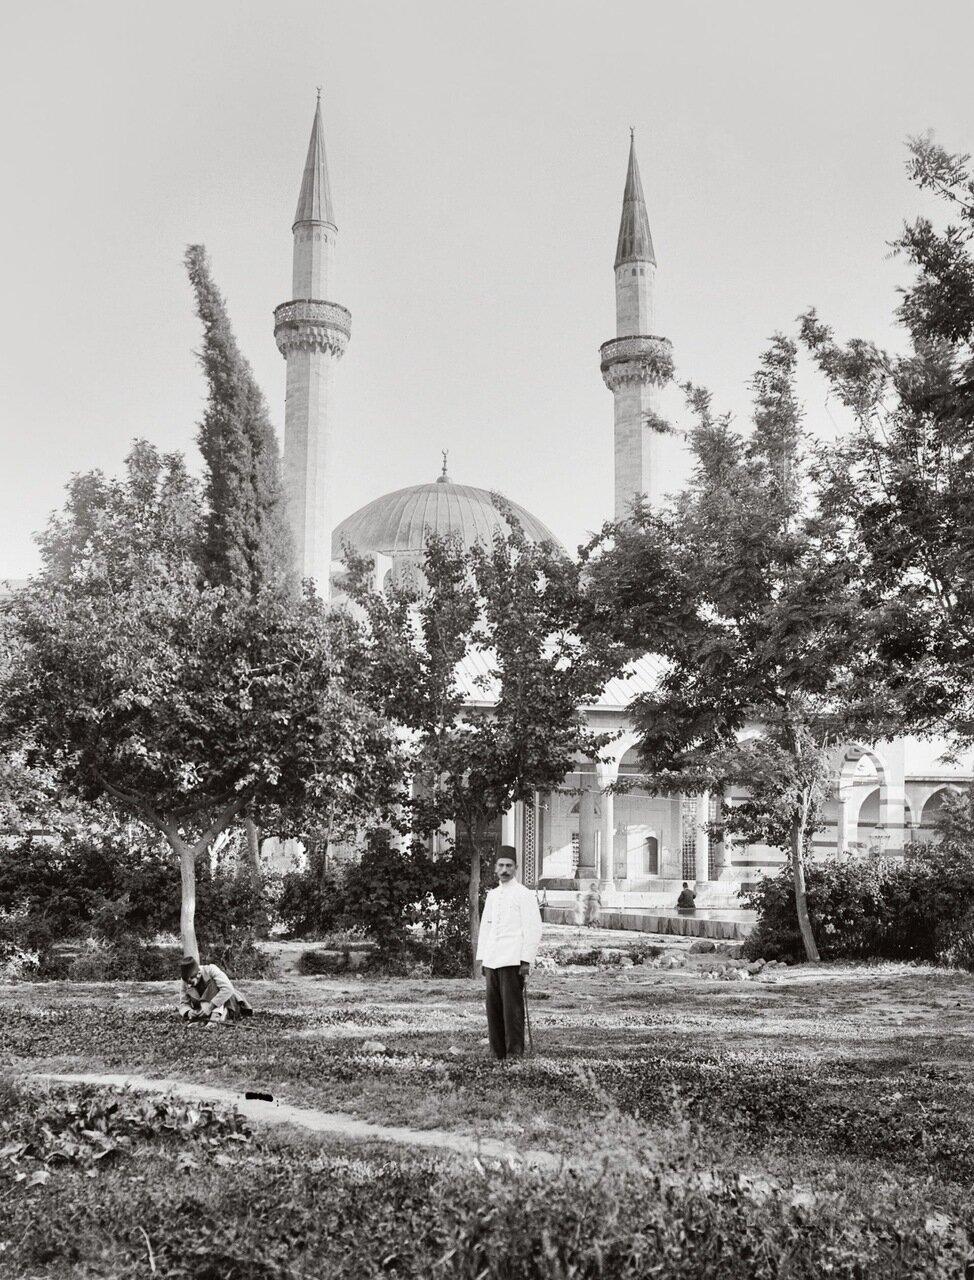 Мечеть Сулеймание. Построенна по проекту знаменитого османского архитектора Синана. Дамаск, Сирия. 1900-1920 гг.